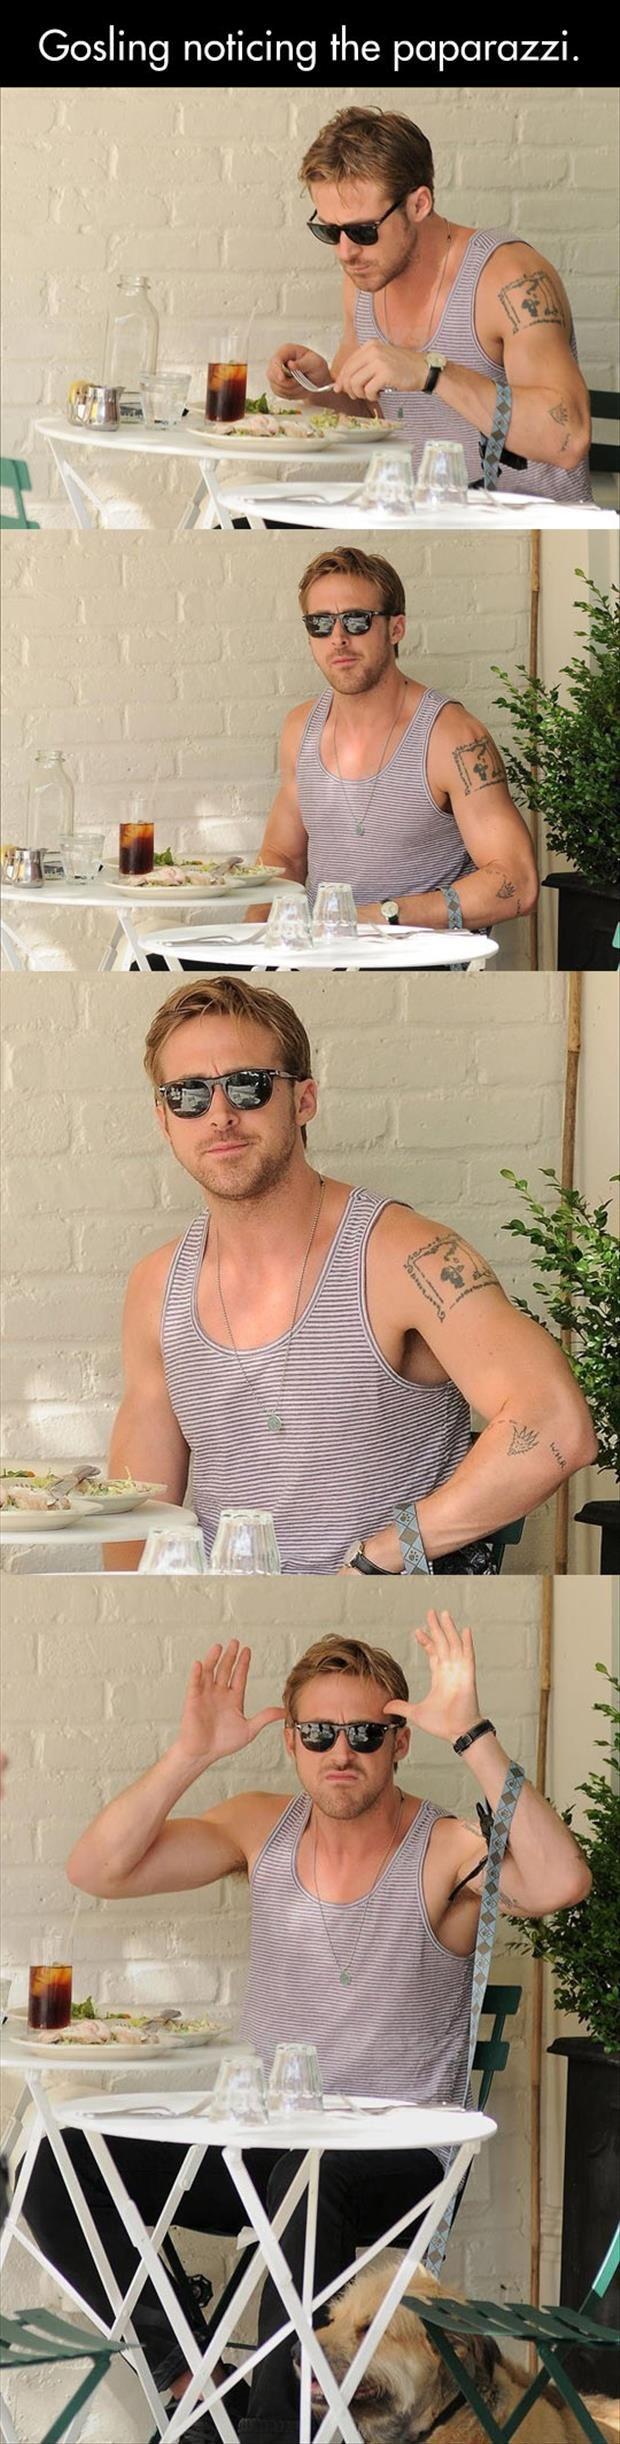 I love Ryan gosling so much